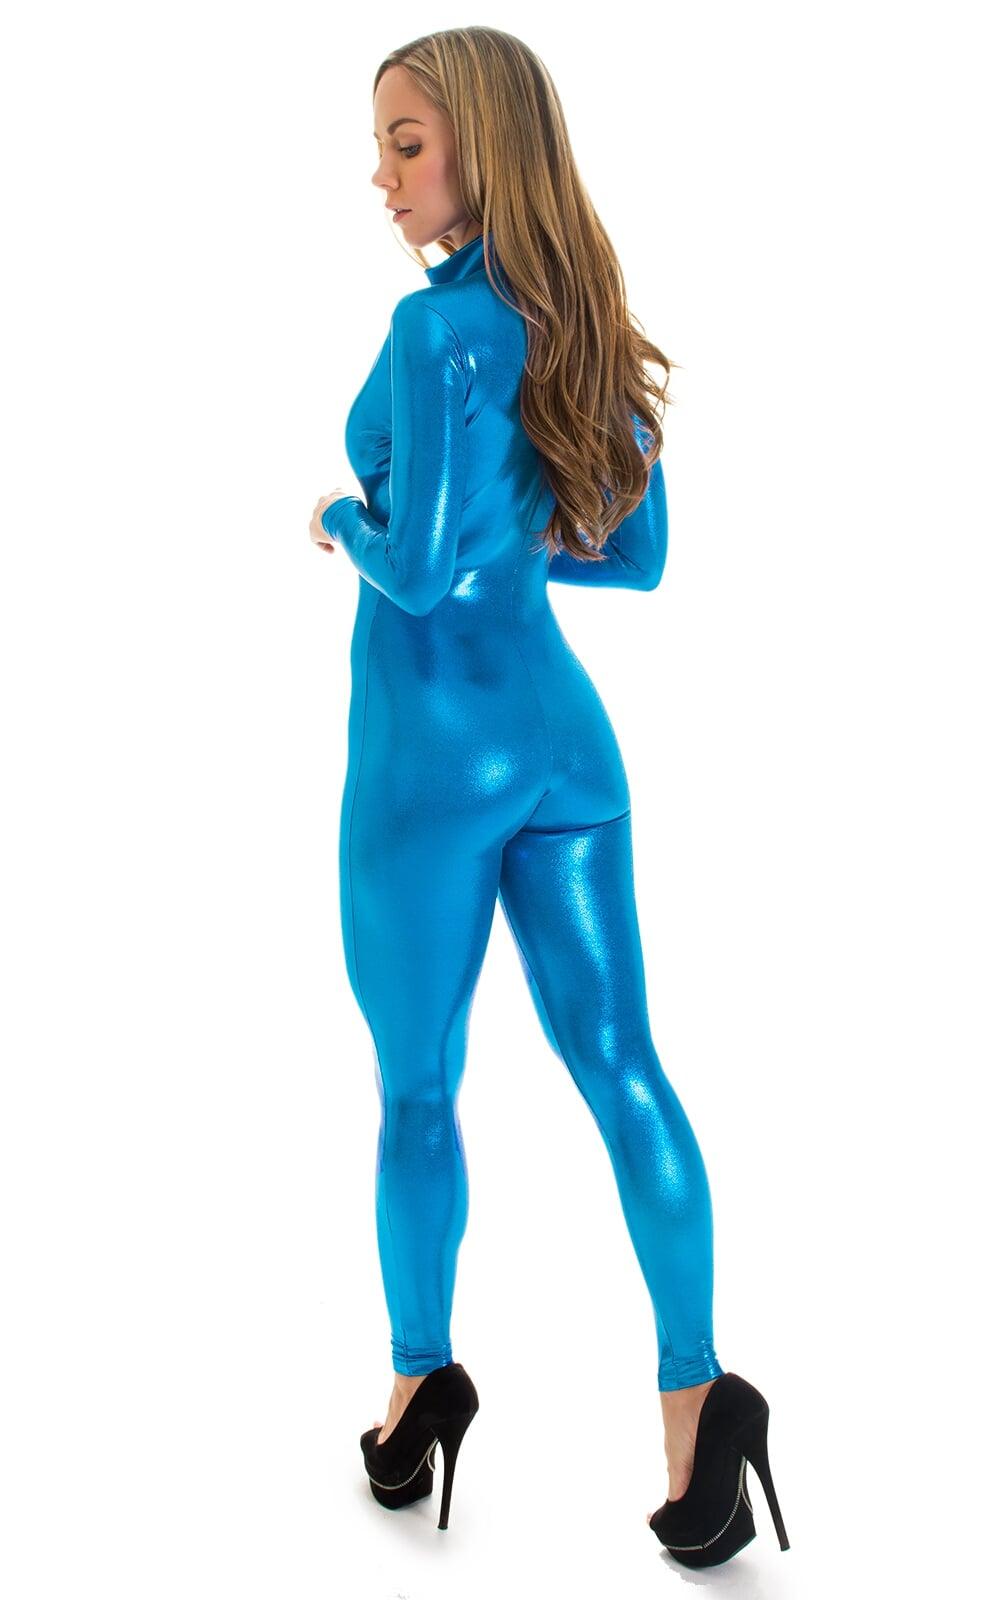 Front Zipper Catsuit-Bodysuit in Mystique Ocean Blue 2